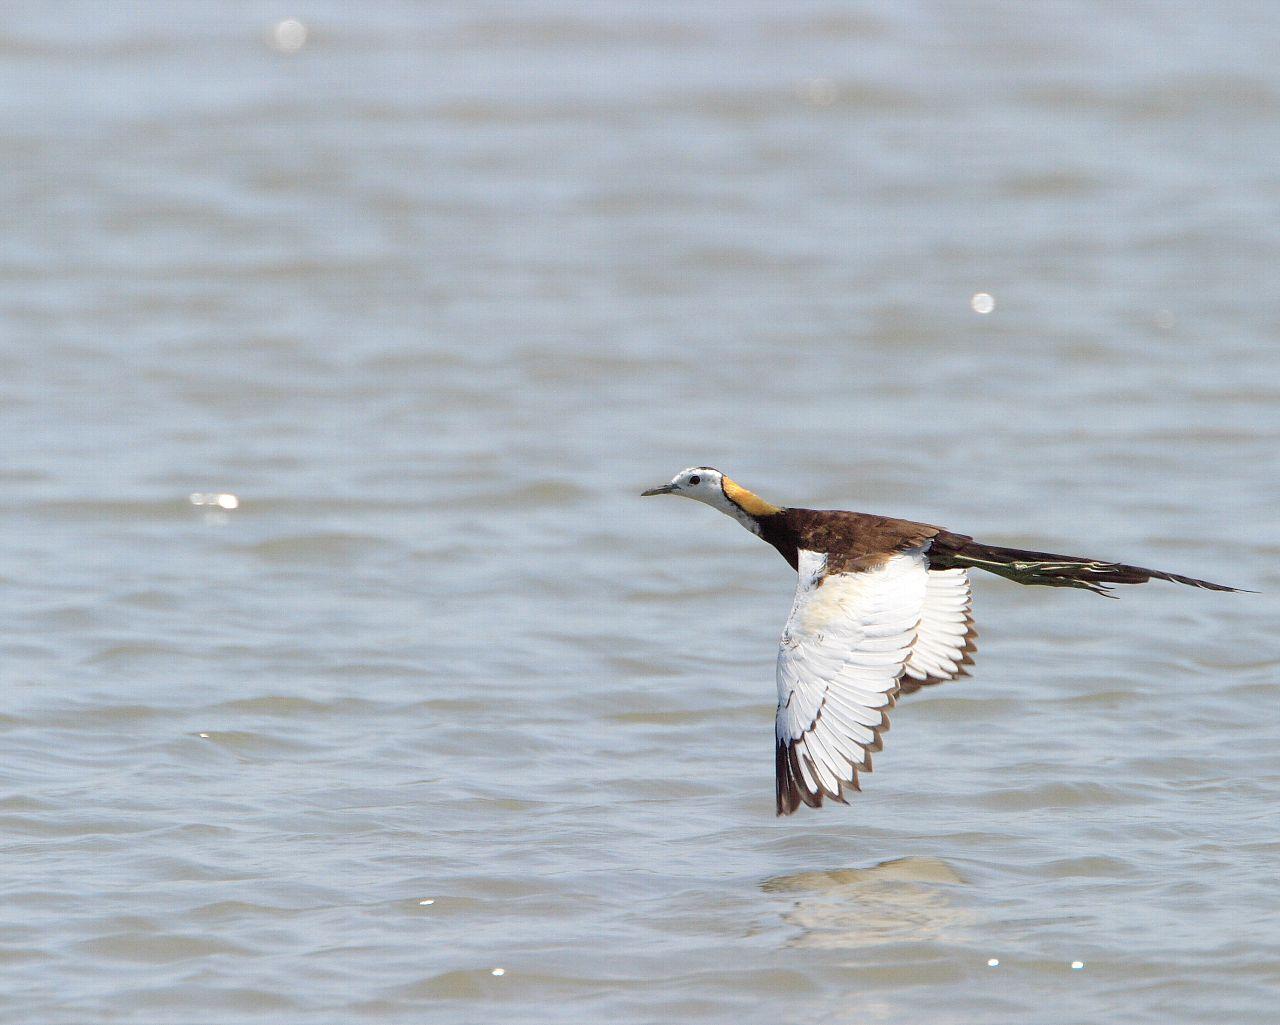 レンカクの飛翔(華麗な野鳥の飛翔写真の壁紙)_f0105570_223921.jpg